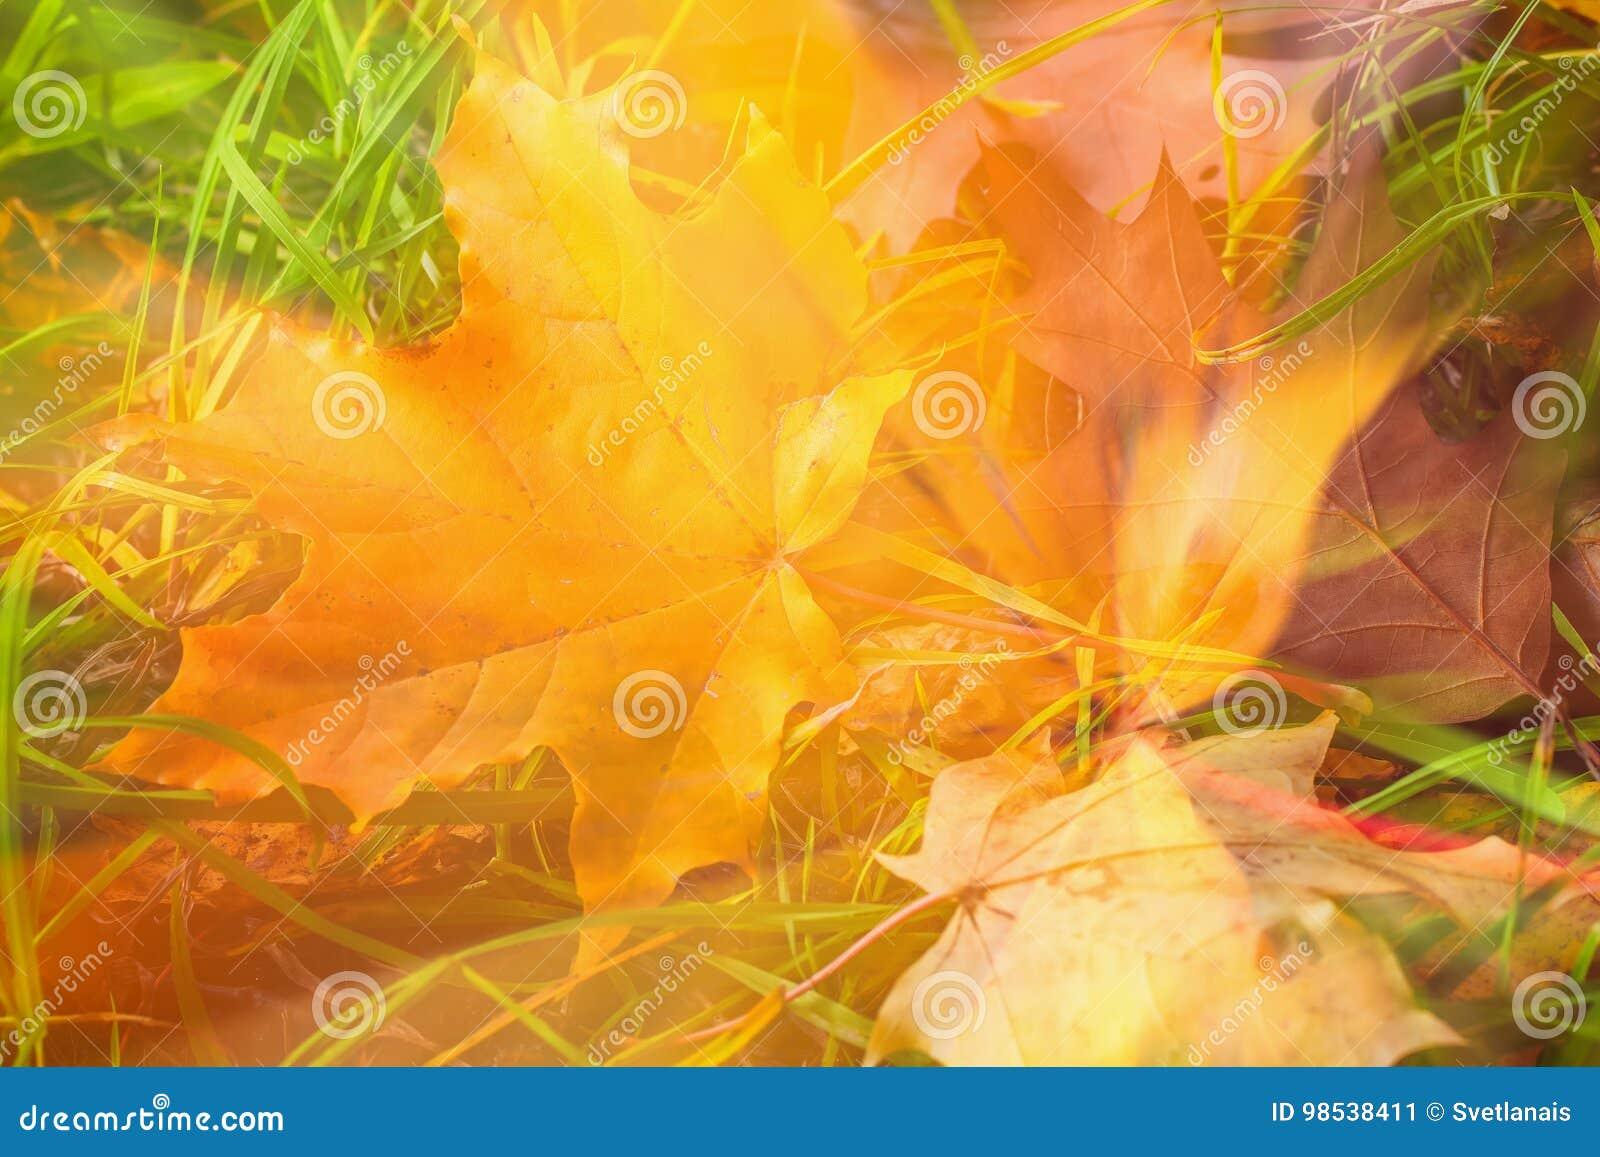 αφηρημένη ανασκόπηση φθινοπώρου Θολωμένο πεσμένο ζωηρόχρωμο φύλλο φθινοπώρου του σφενδάμνου στη χλόη, φυσική τέχνη πτώσης